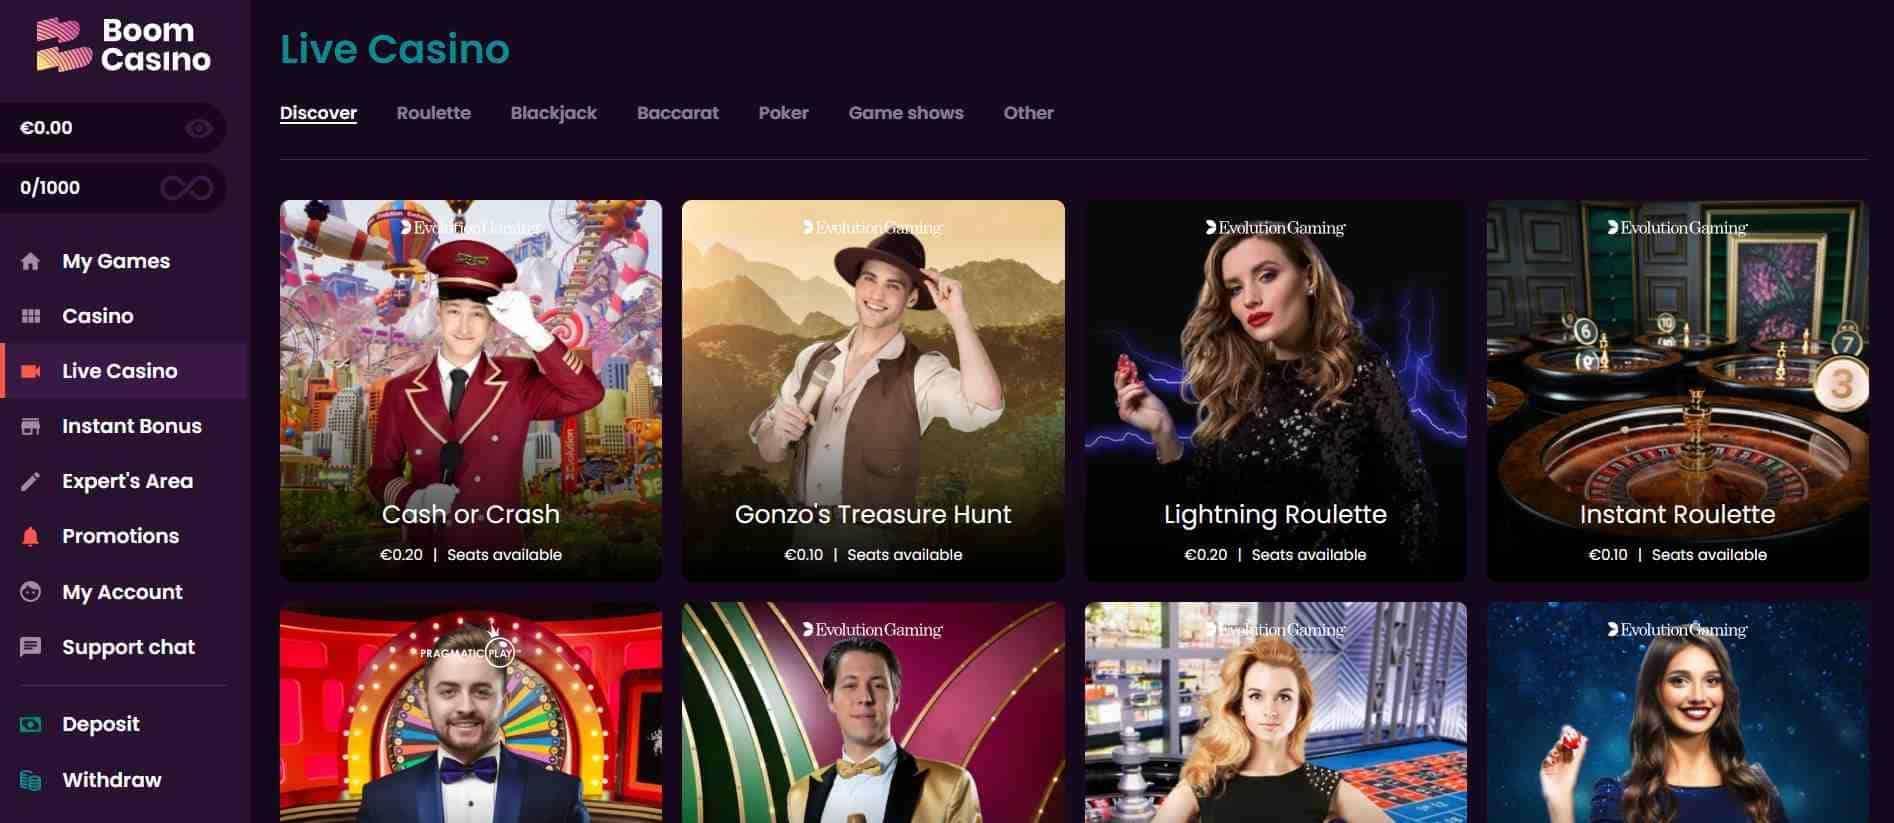 Boom Casino Live Casino